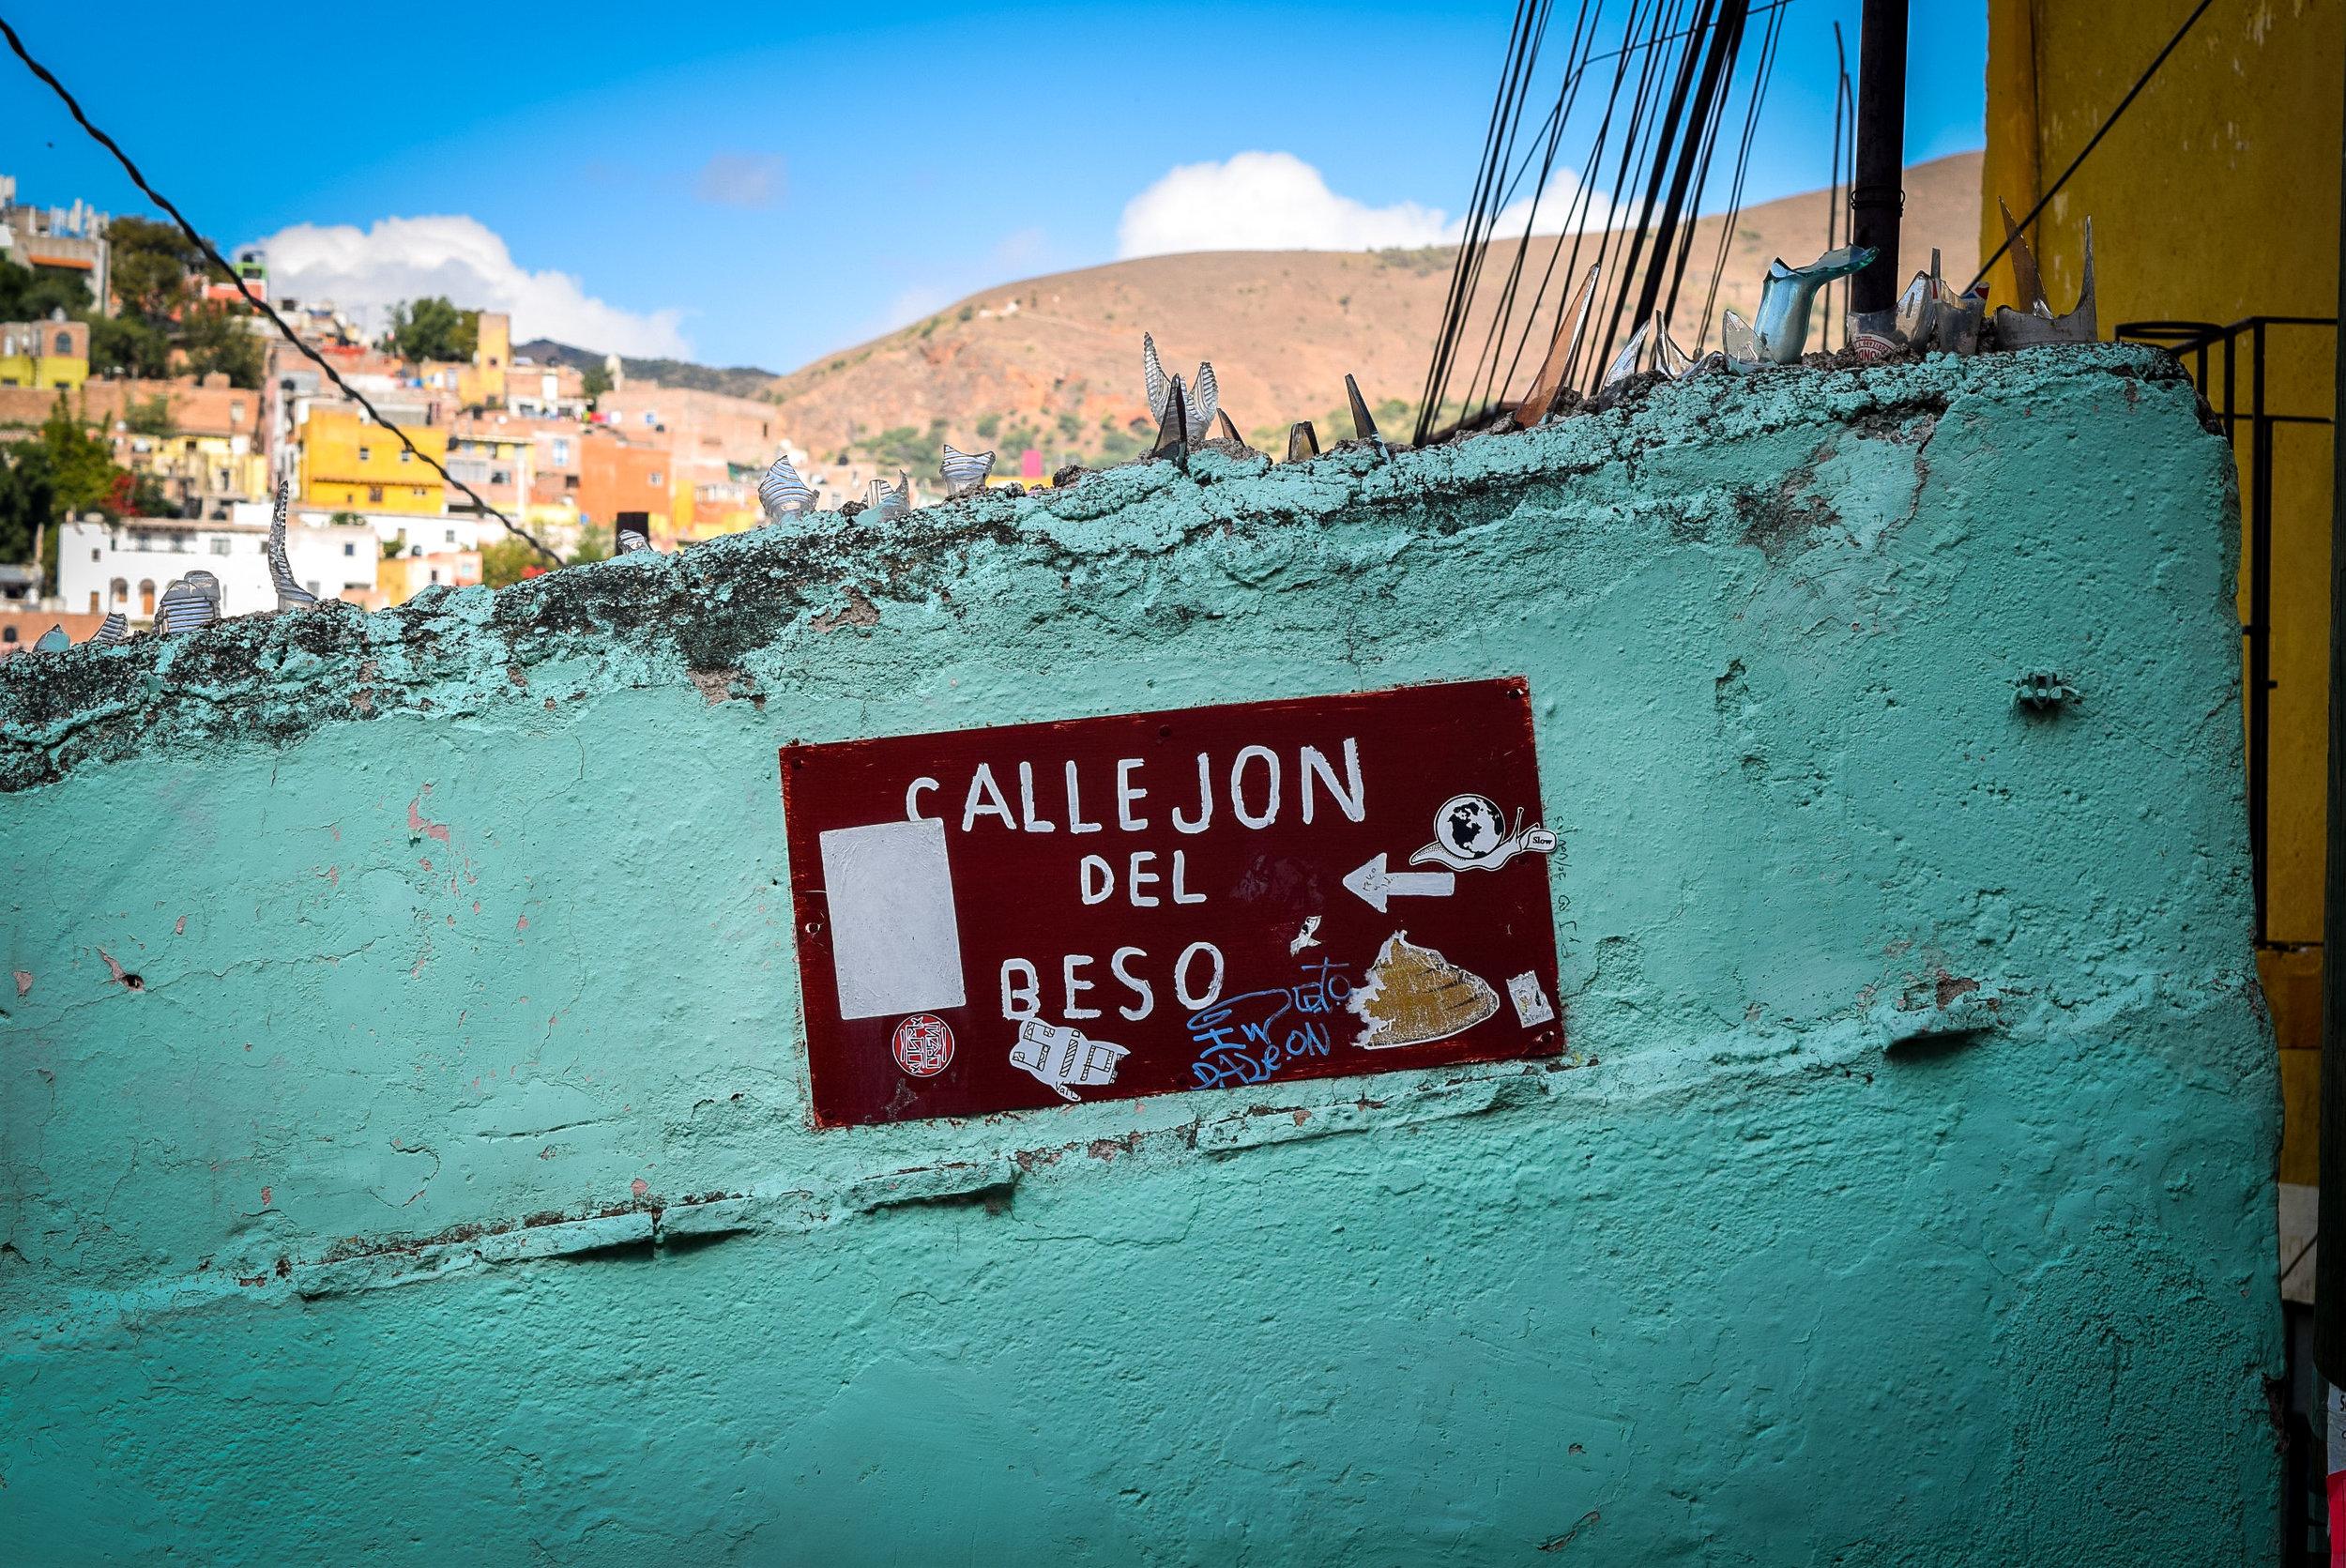 Callejon del Beso sign in Guanajuato